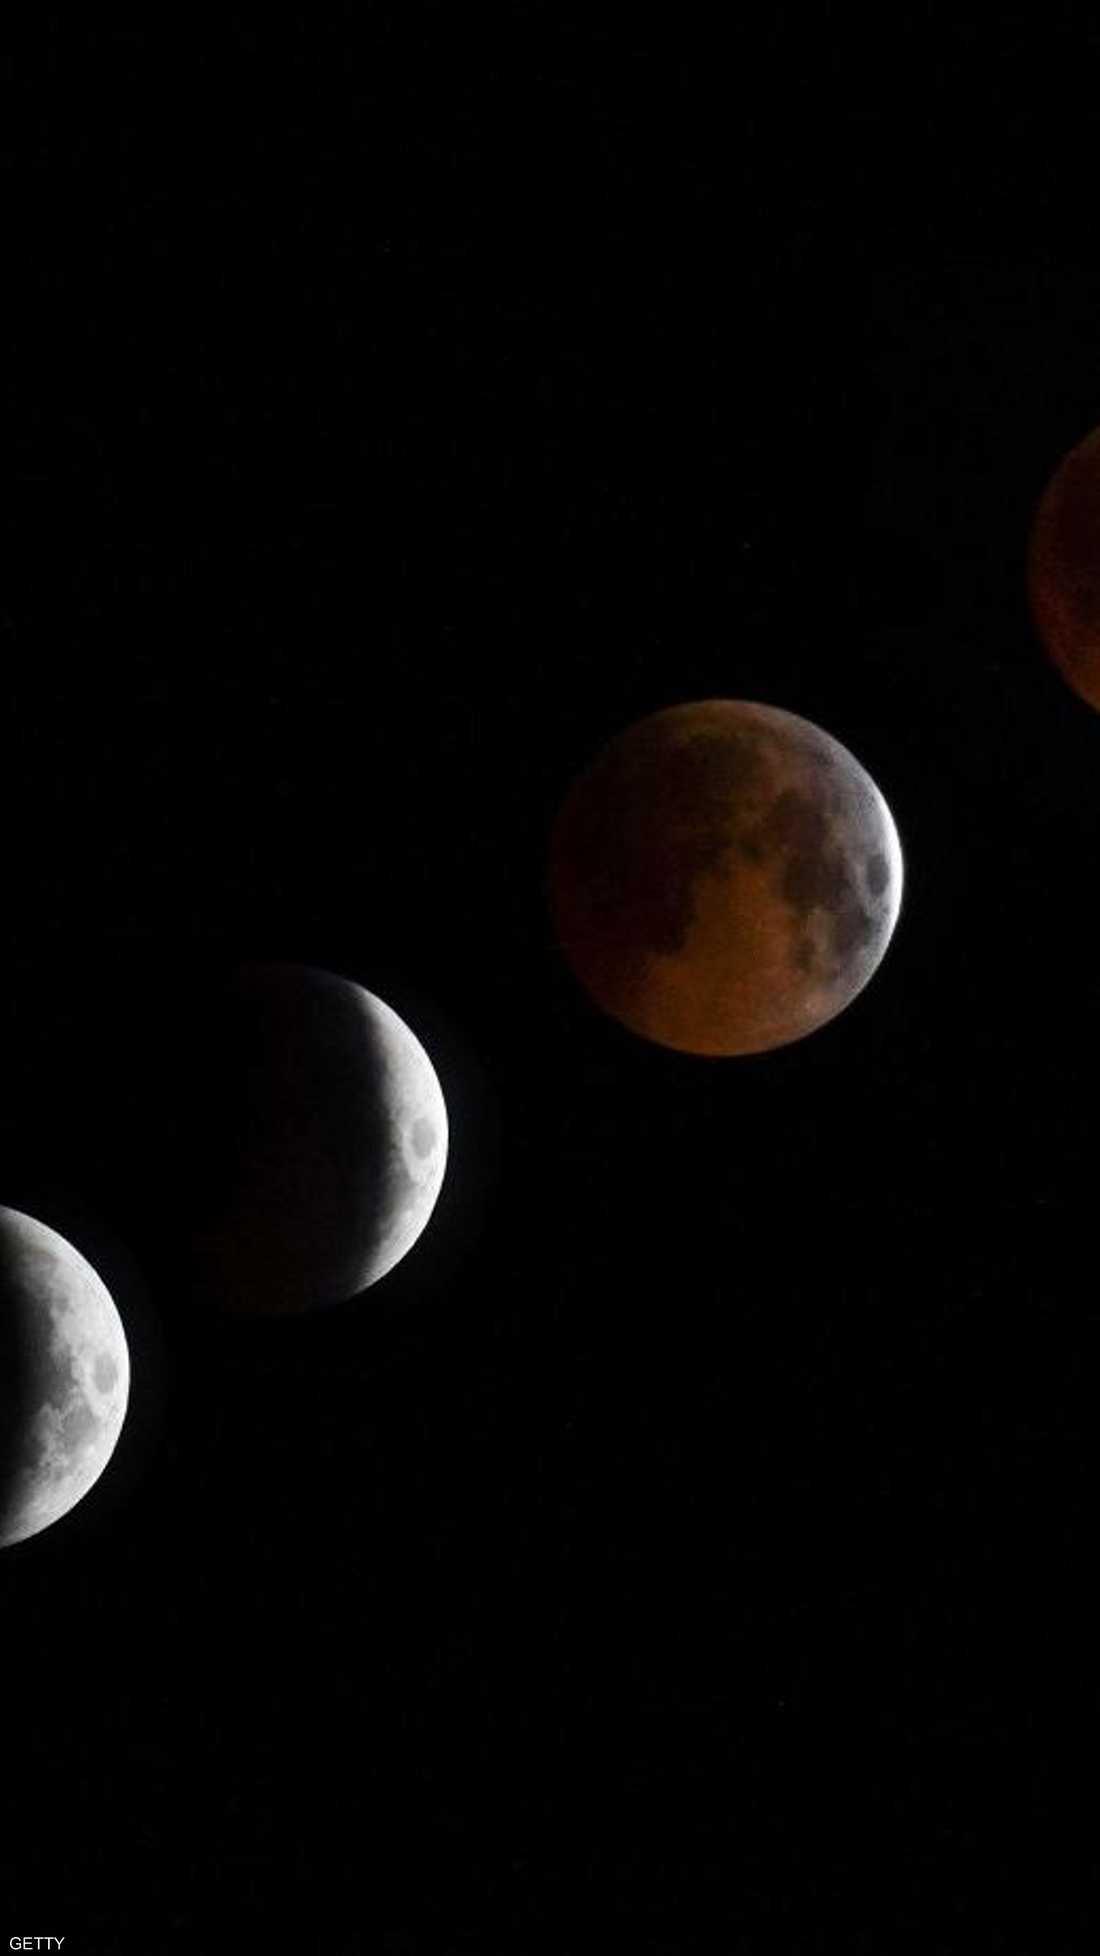 31 يناير، الخسوف الكلي للقمر الأزرق العملاق